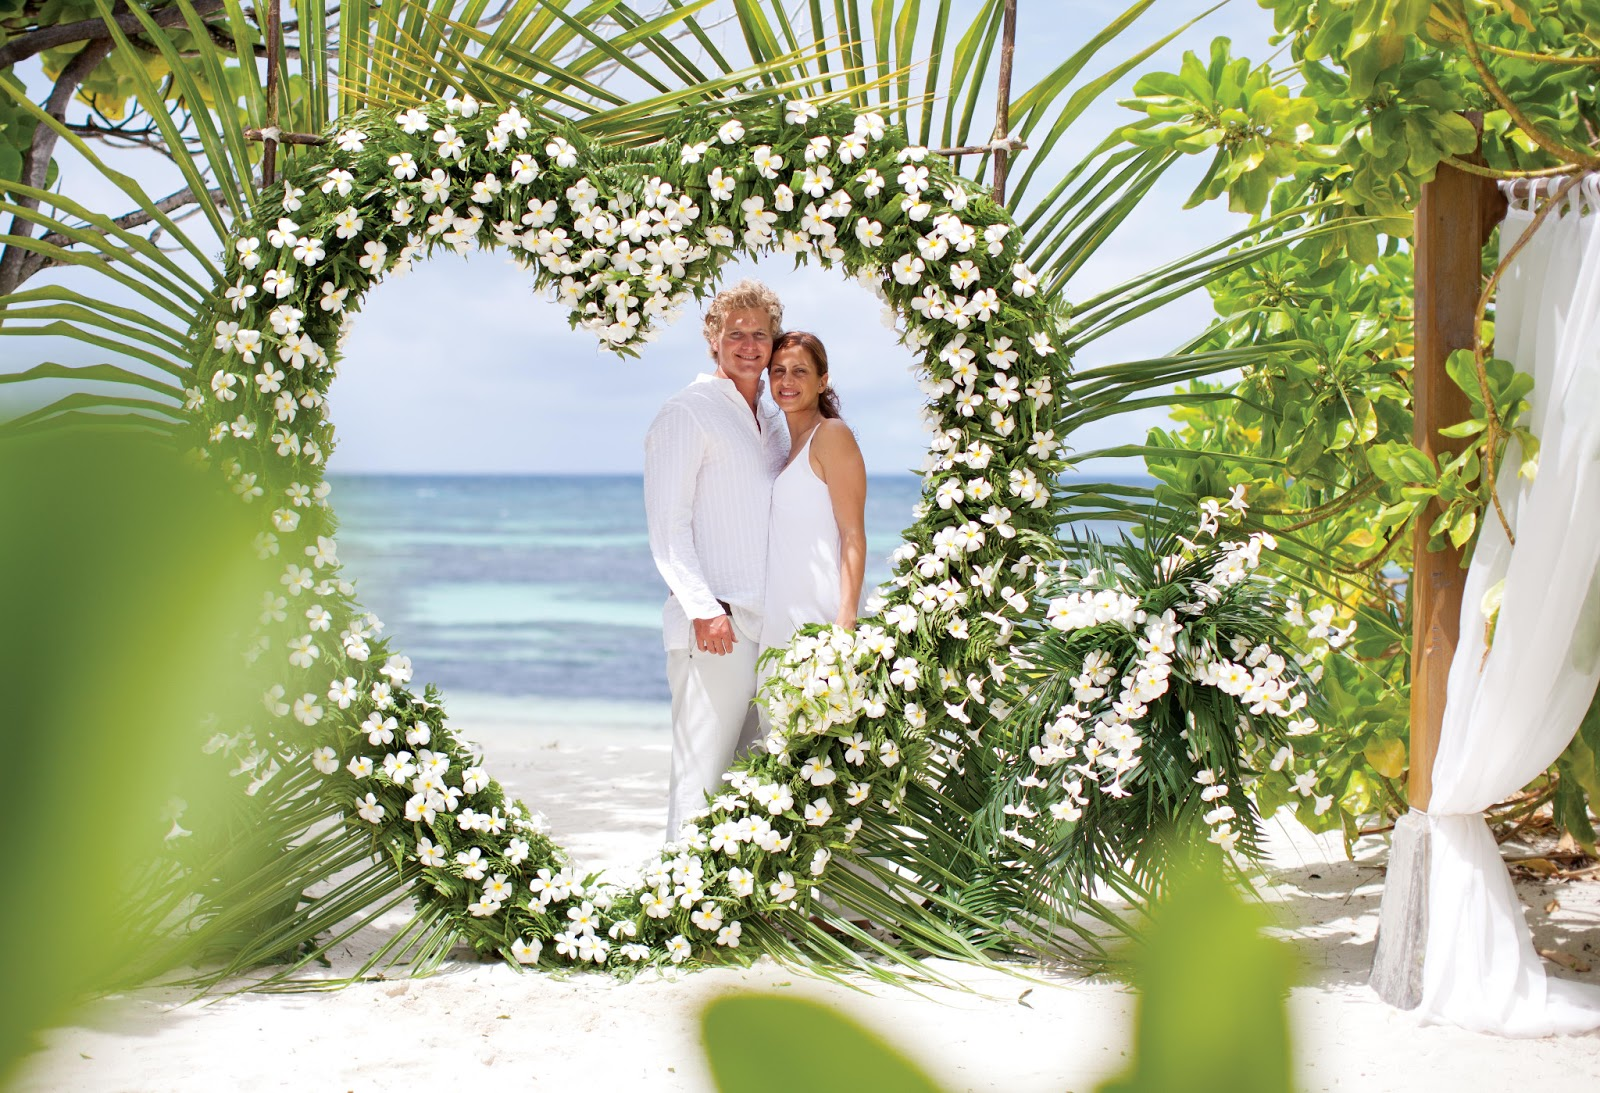 Matrimonio Simbolico Alle Seychelles : Idee per viaggiare lavoriamo a colori sposarsi alle